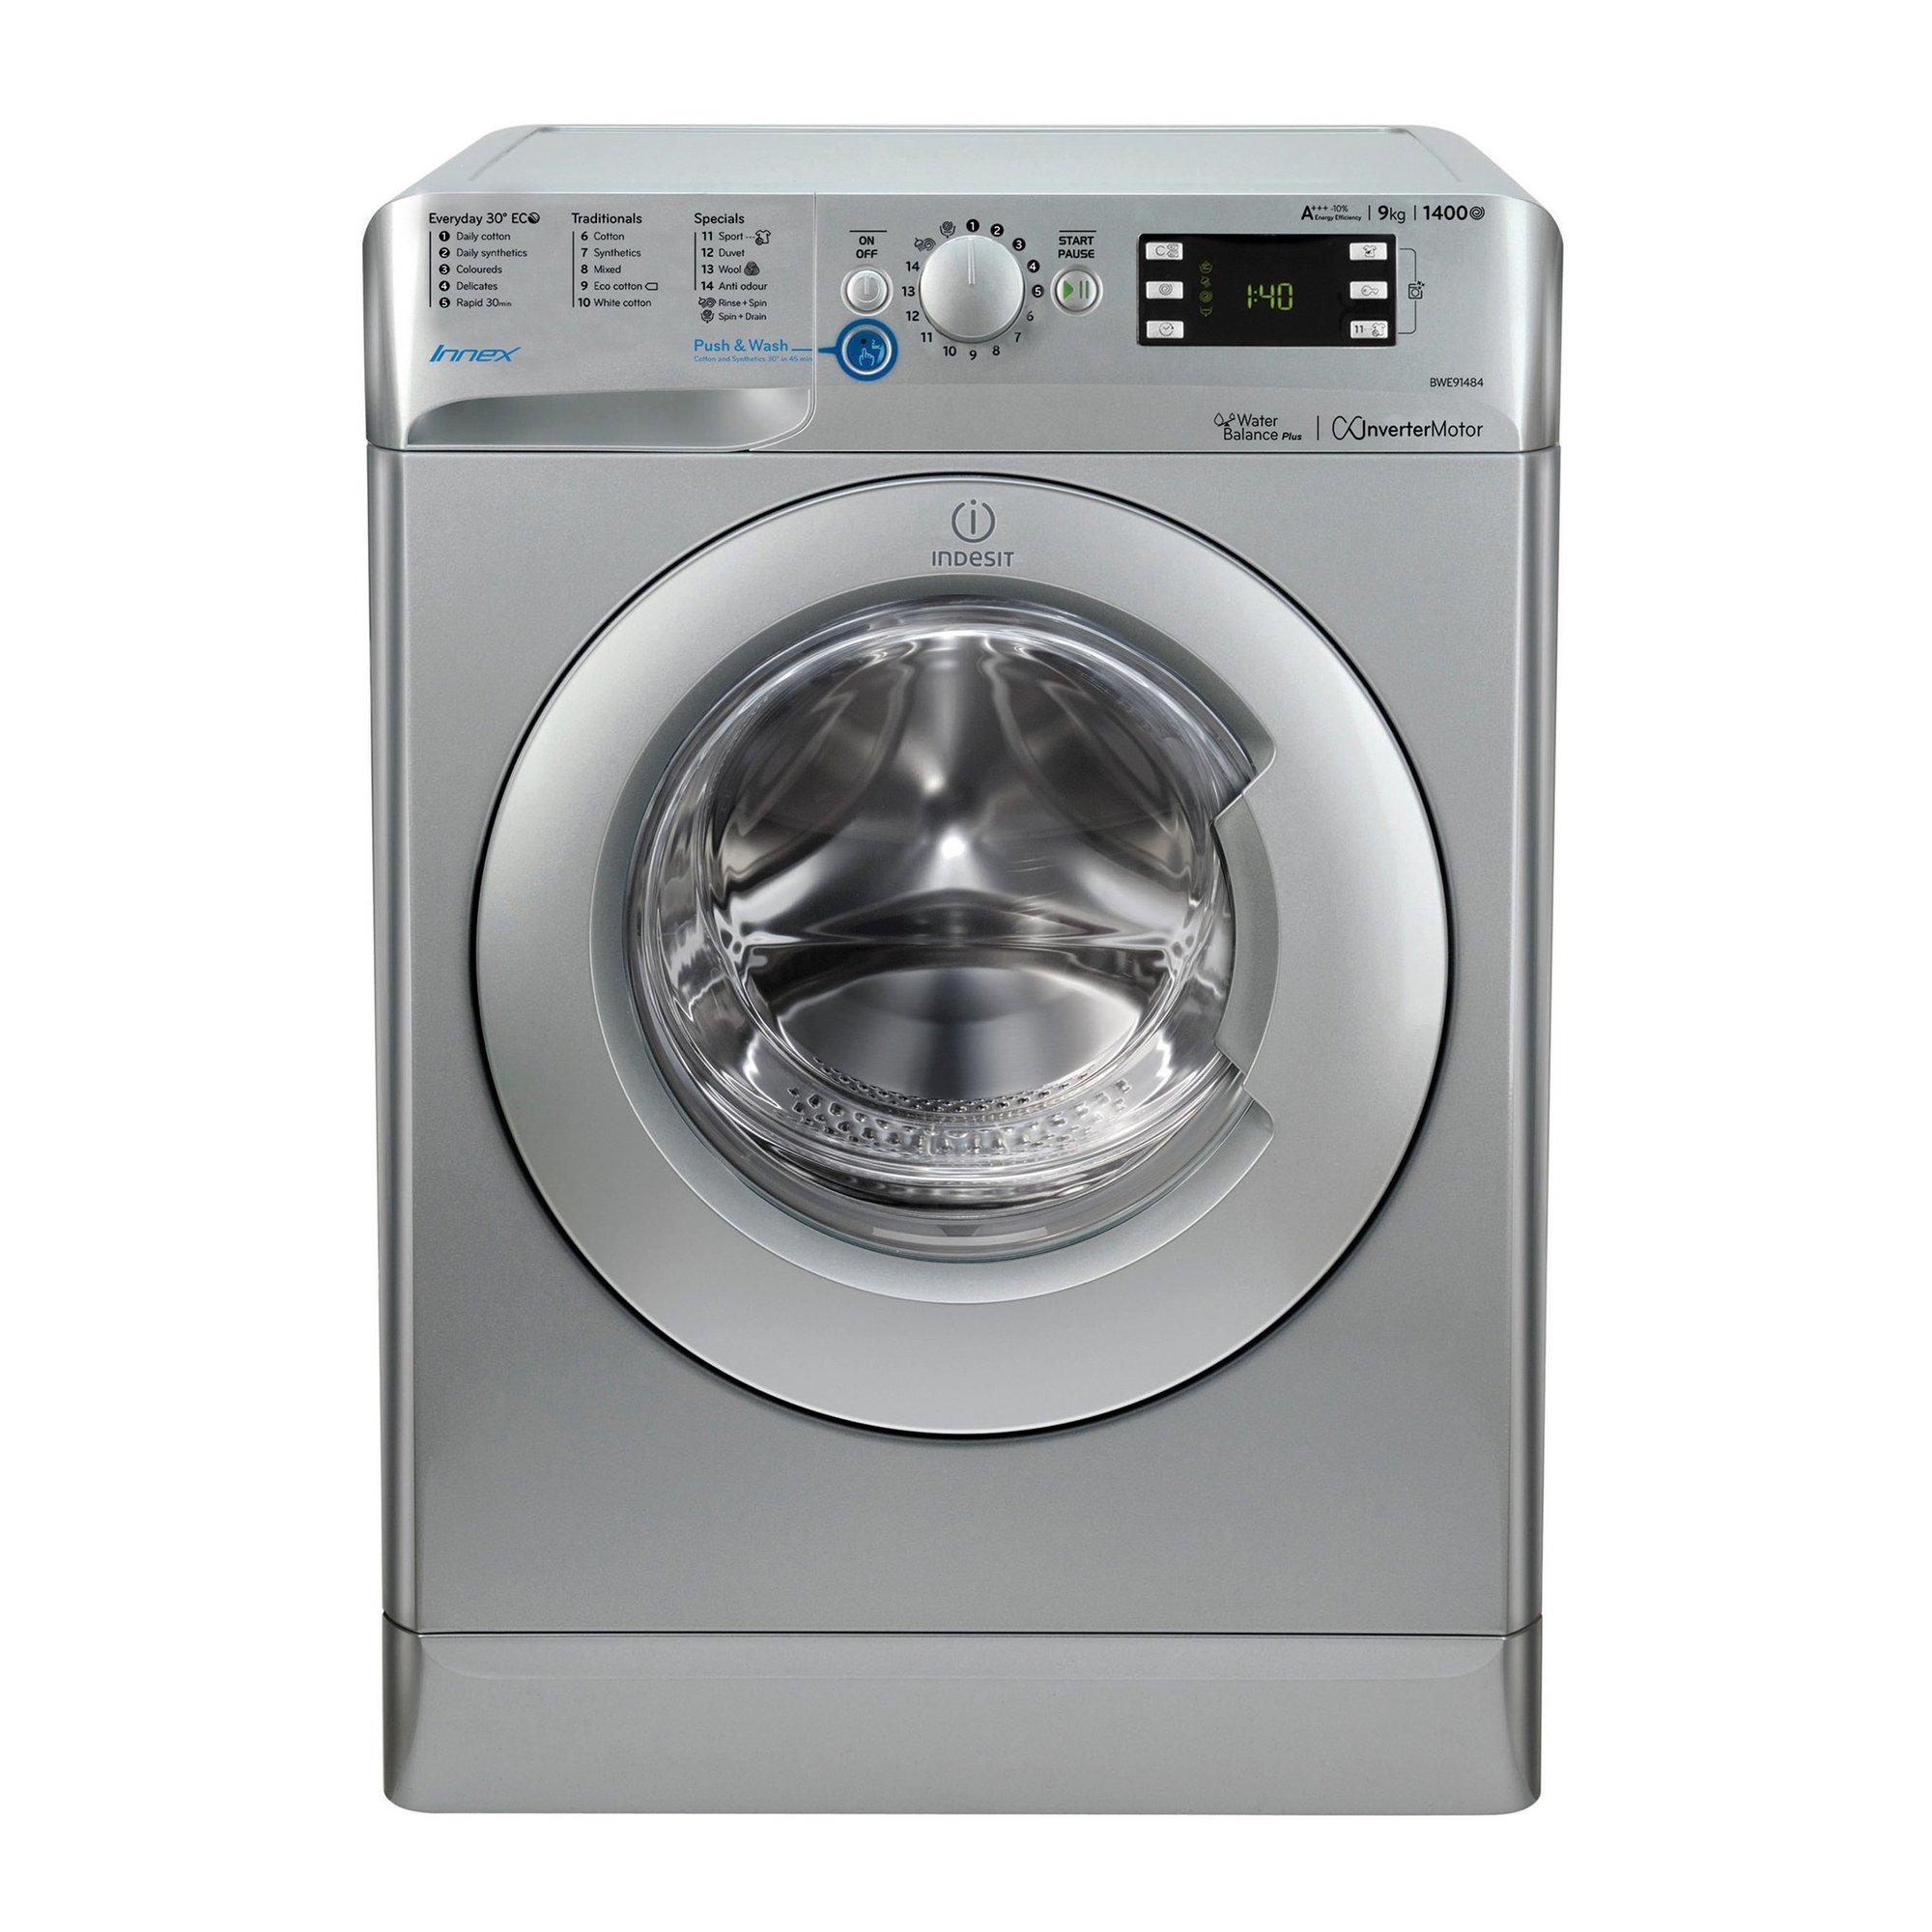 Image of Indesit 9kg 1400 Spin Washing Machine